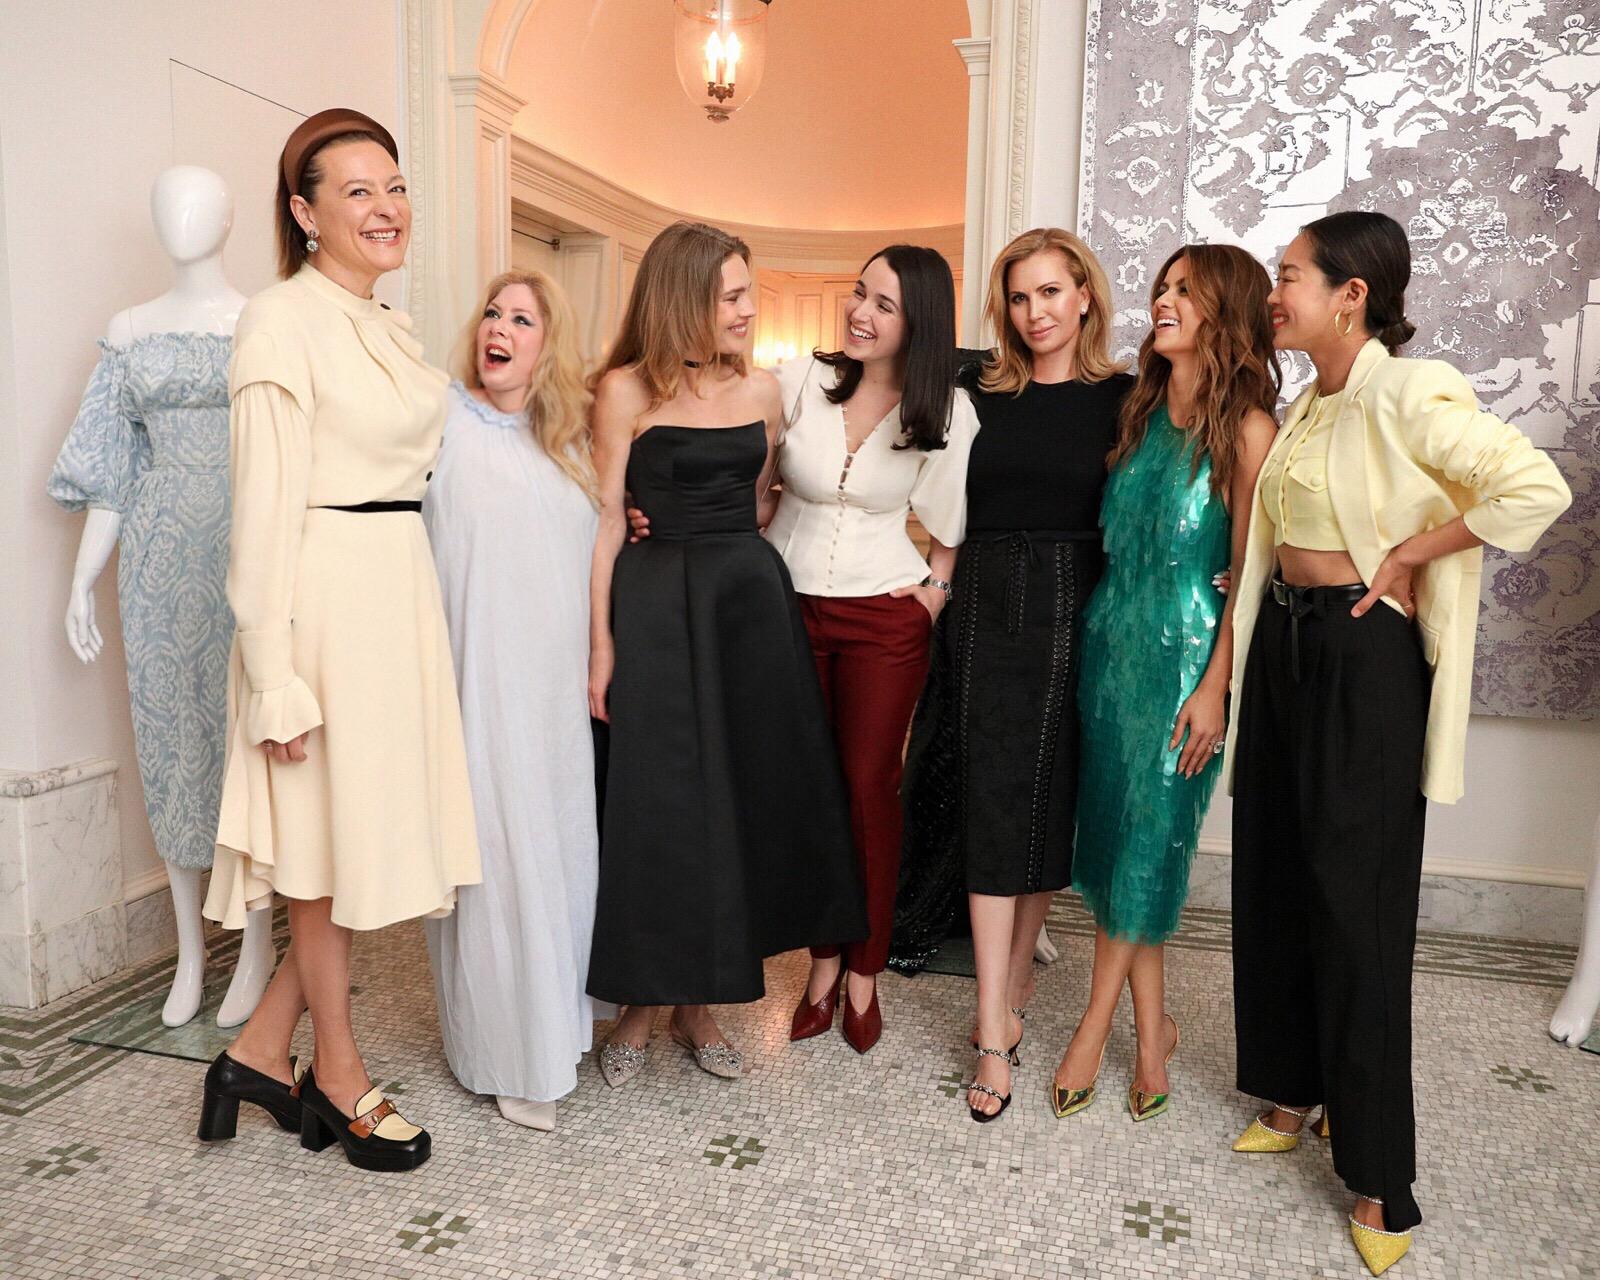 L-R: Masha Fedorova, Shanin Molinaro, Natalia Vodianova, Julia Gudish Krieger, Inga Rubenstein, Natasha Poonawalla, and Aimee Song.